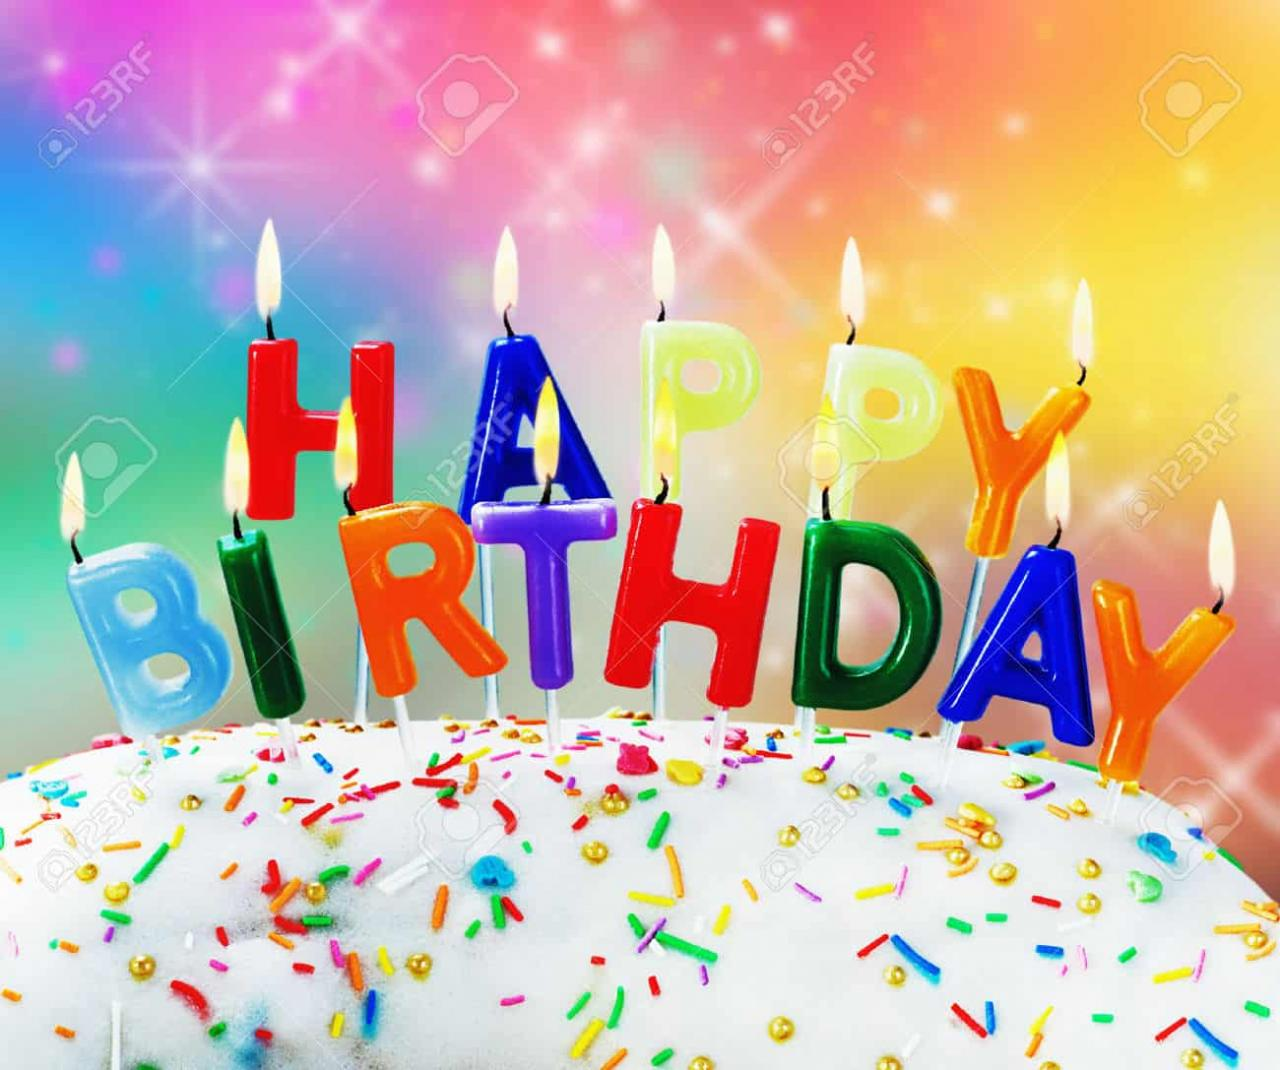 بالصور صور تهاني اعياد ميلاد , اجمل خلفيات للمباركة في عيد ميلاد 6303 12